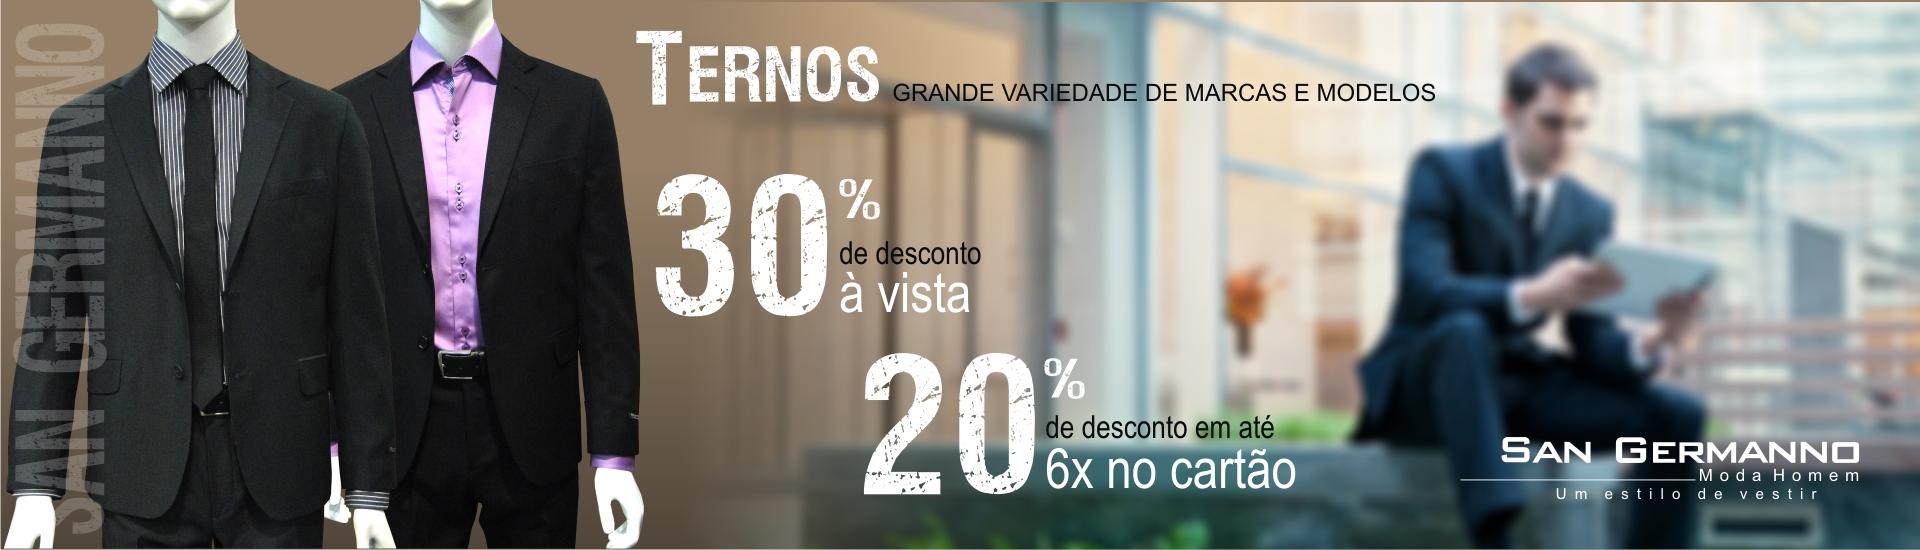 30% DESCONTO A VISTA E 20% EM ATÉ 6X NOS CARTÕES